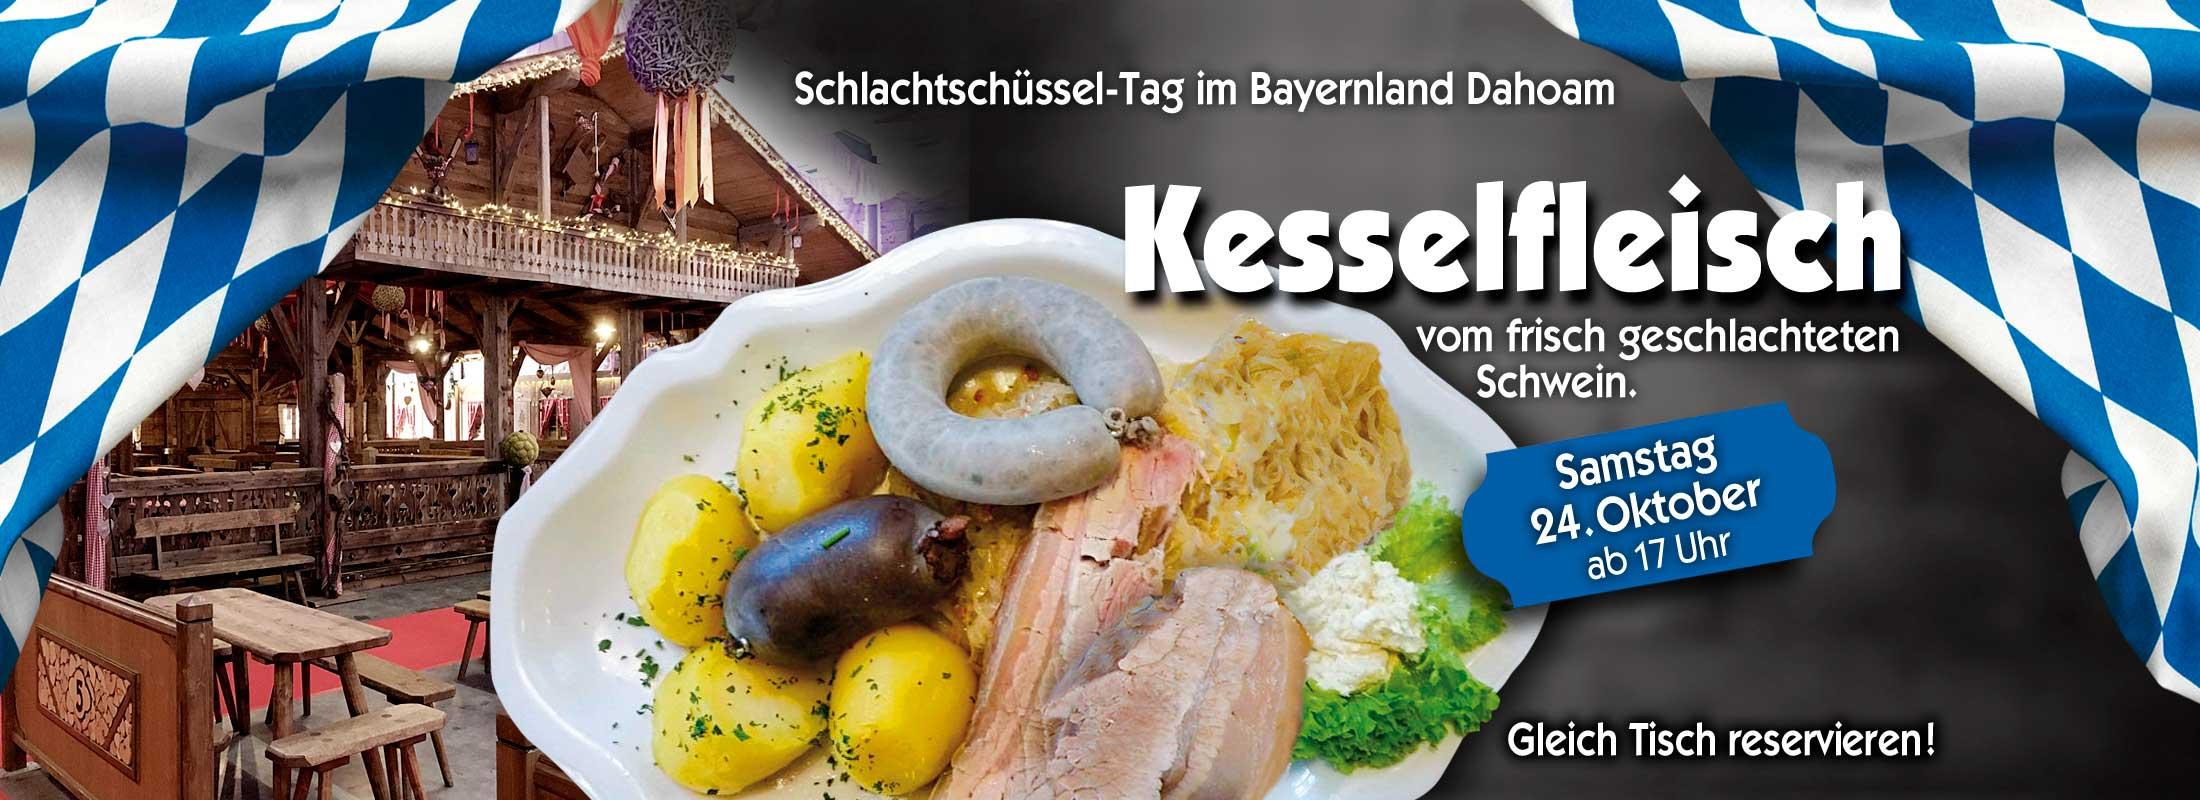 Schlachtschuesseltag-Dahoam-Kesselfleisch-Abensberg_Festhalle-Bayernland_2020